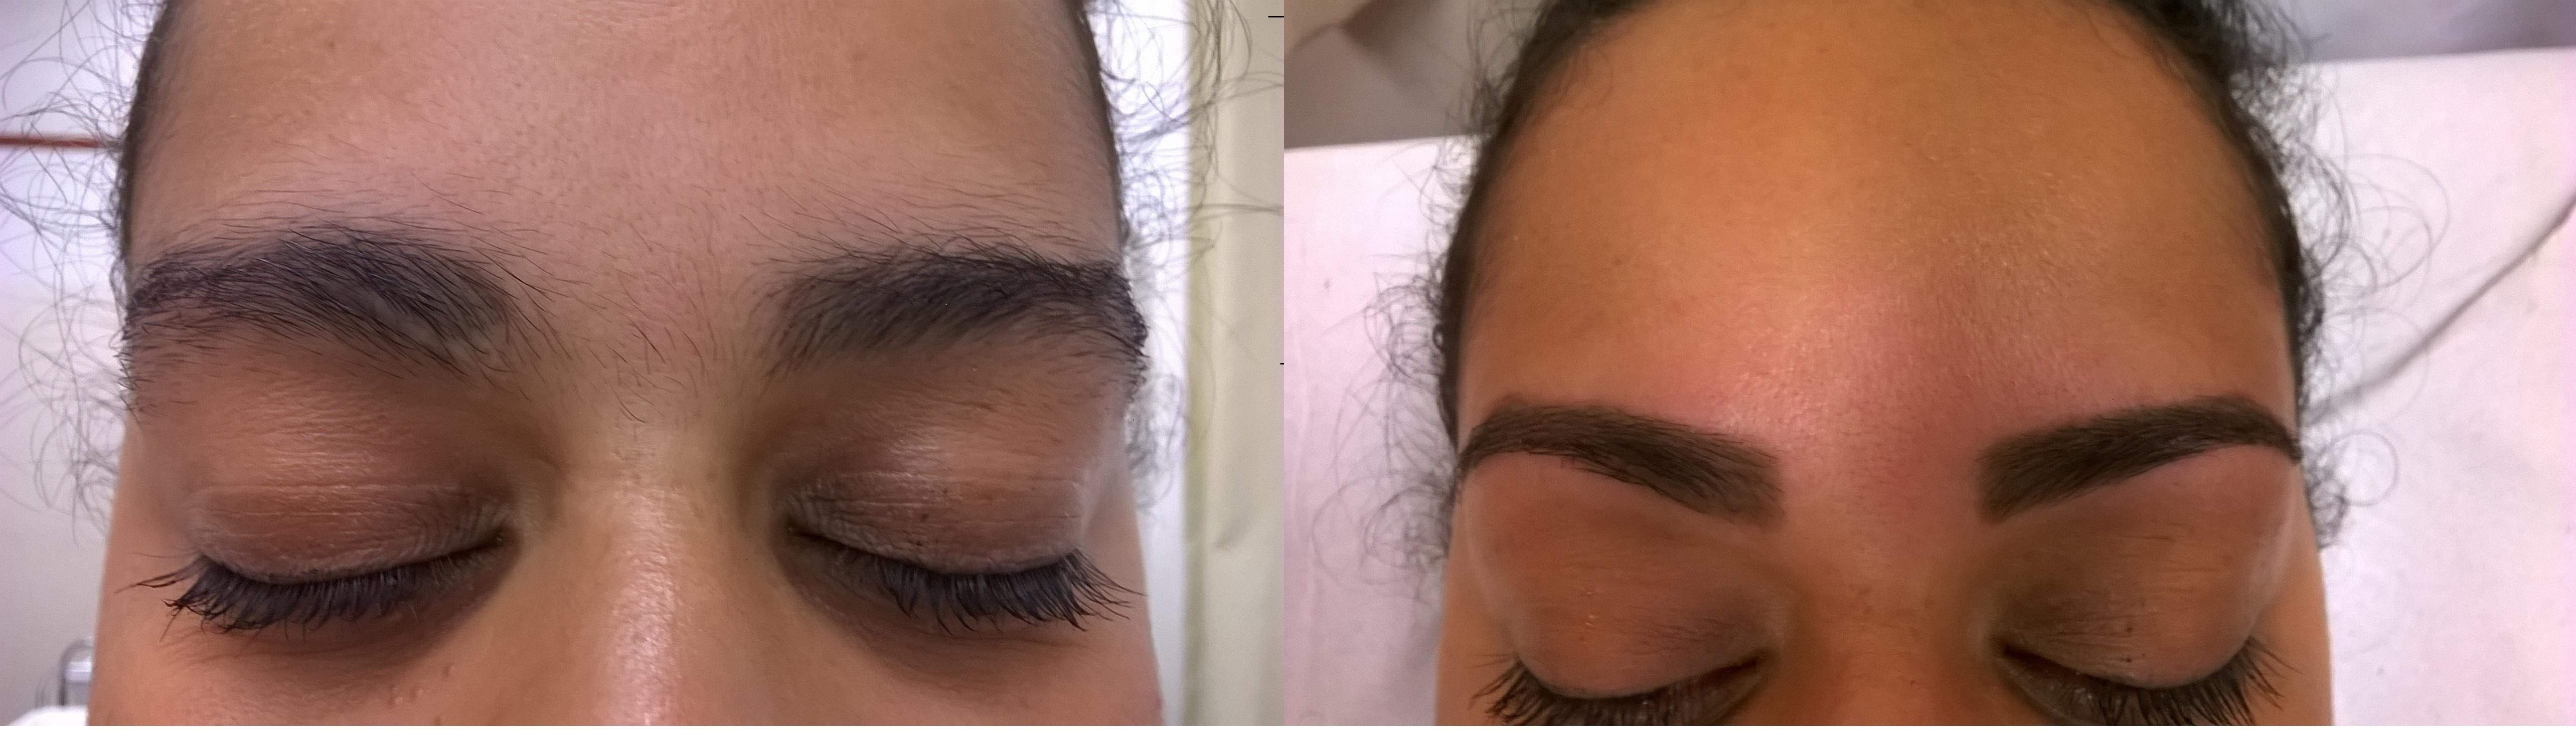 manicure e pedicure designer de sobrancelhas depilador(a)